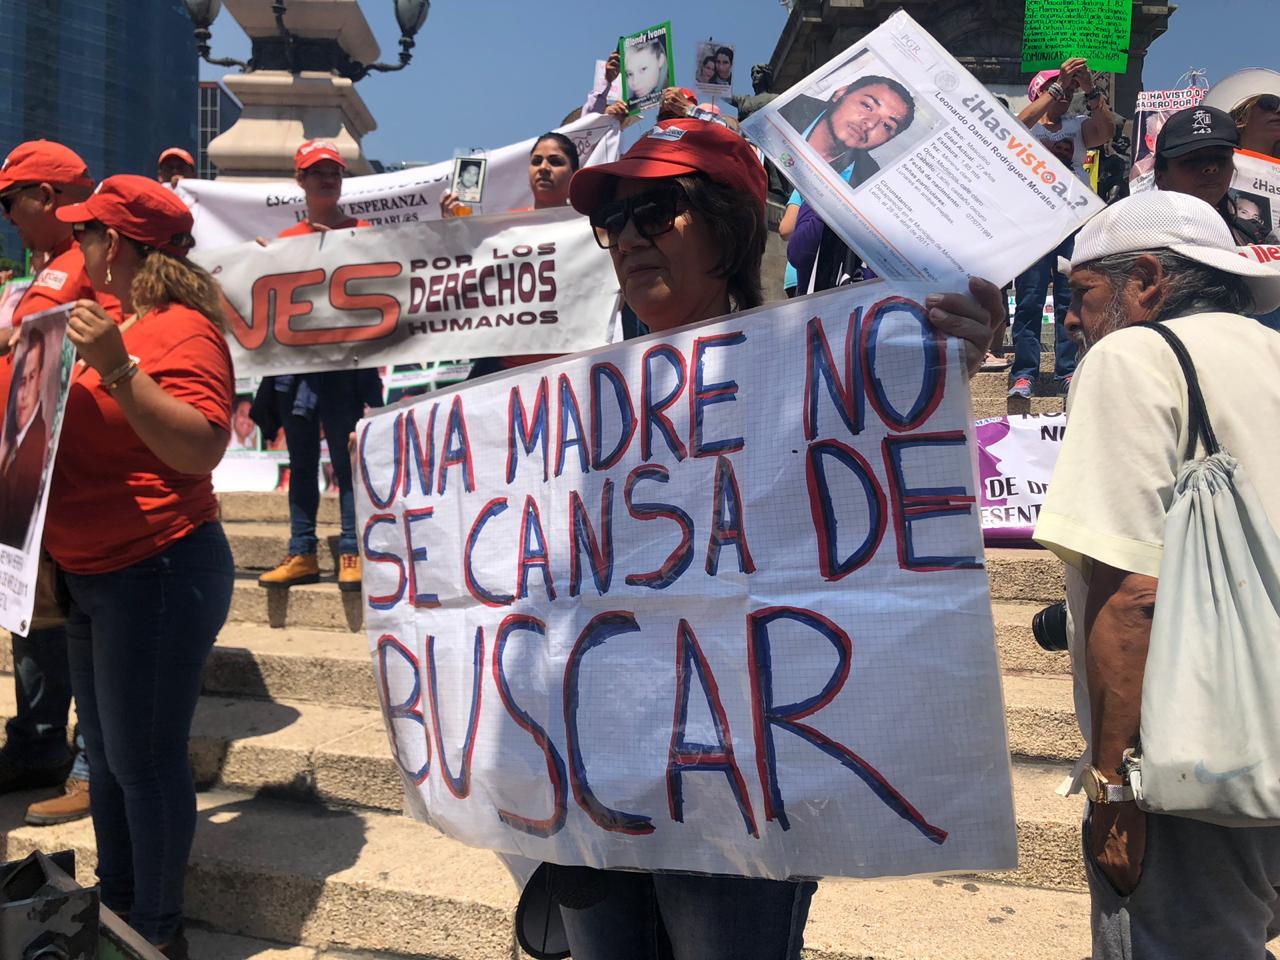 61 Mil 637 Desaparecidos En México: Segob